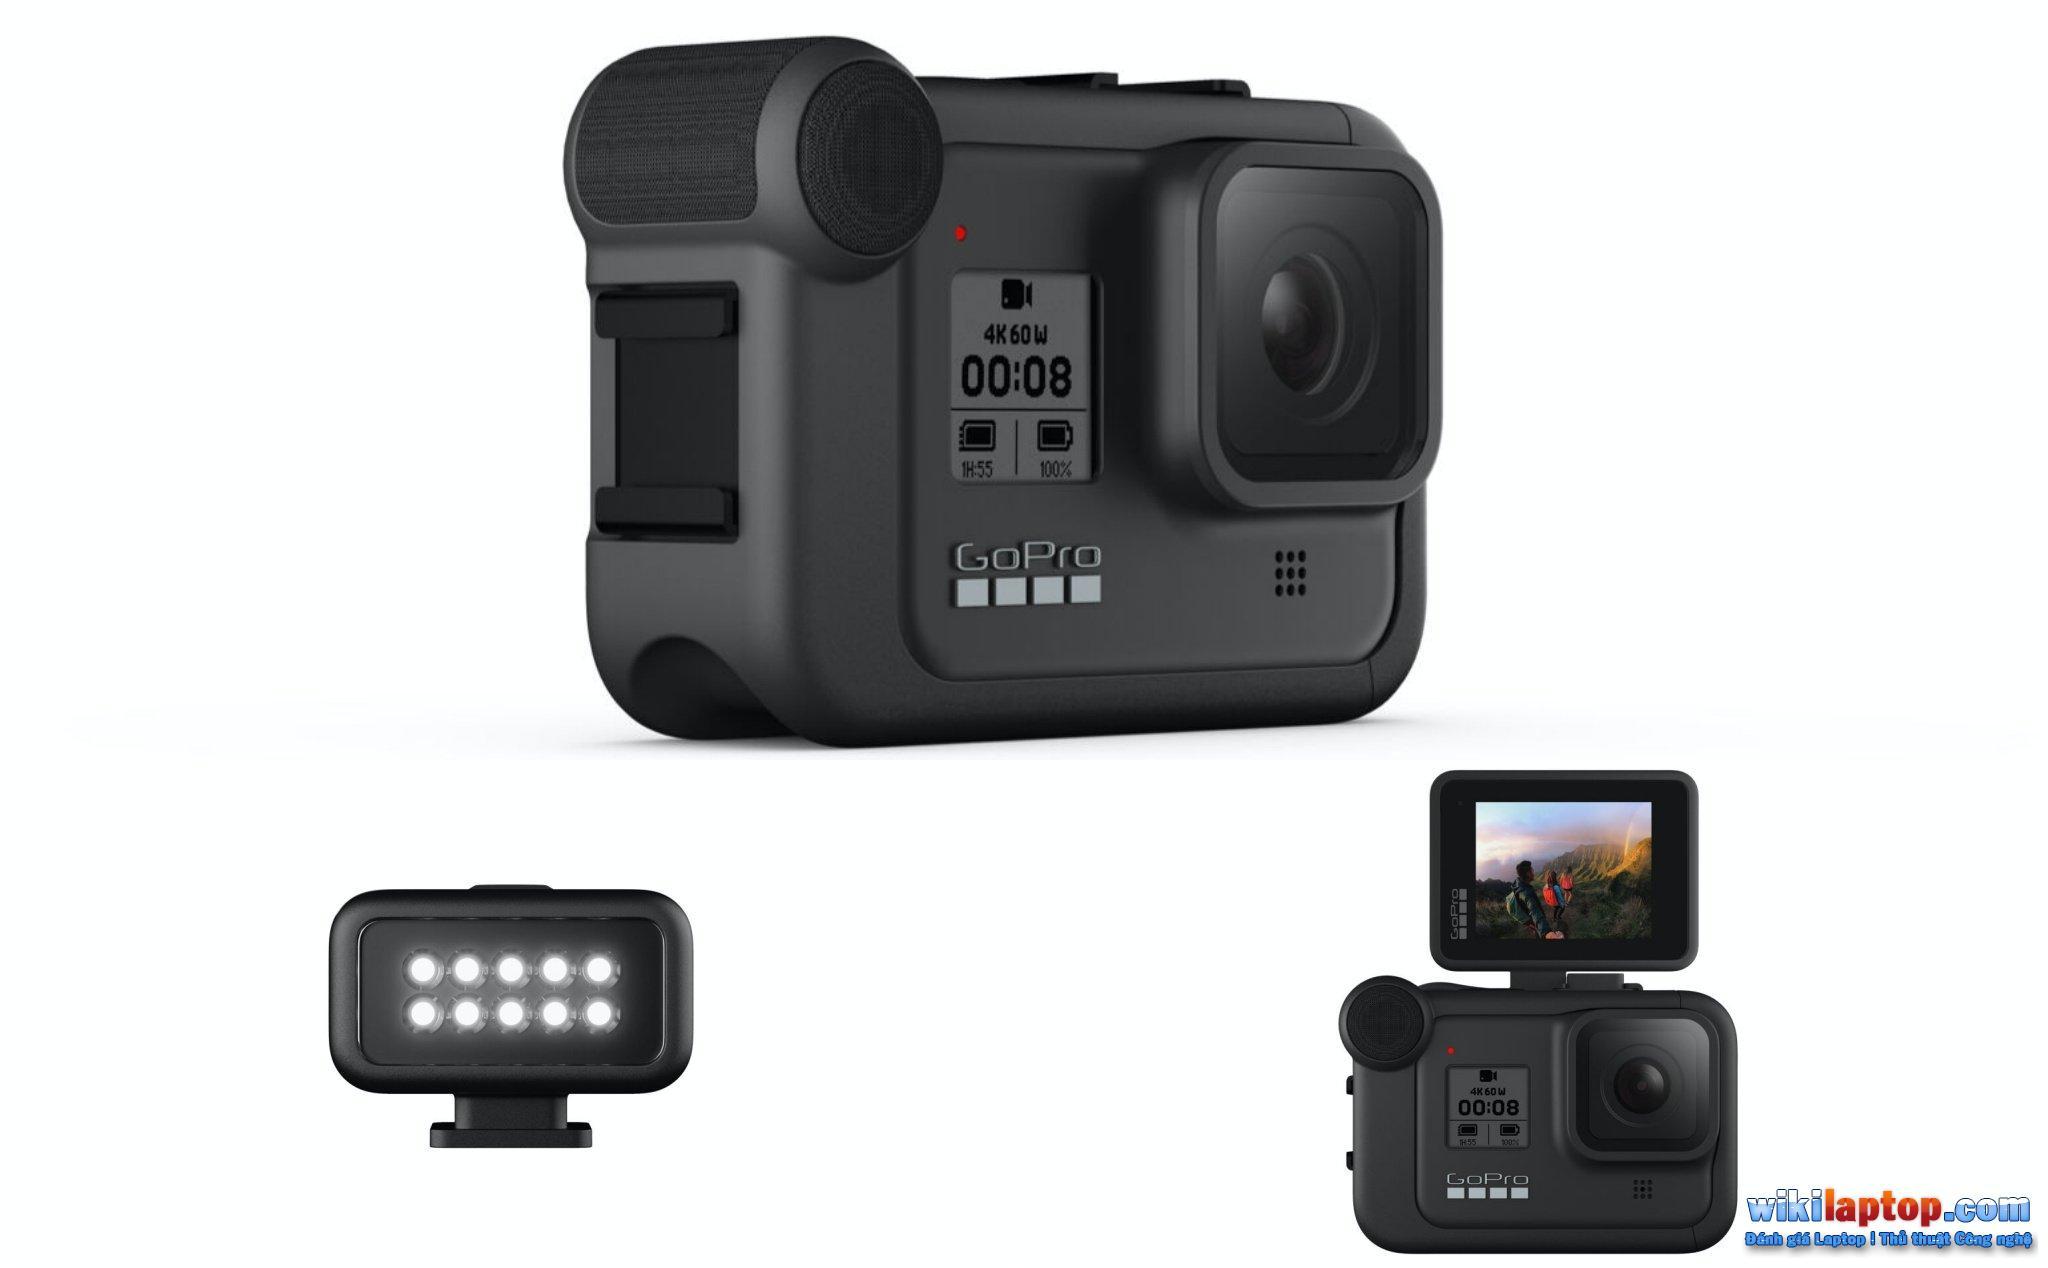 Sforum - Trang thông tin công nghệ mới nhất GO-7 Đánh giá GoPro Hero 8 Black: Cải tiến hiện đại, chống rung tốt, ghi âm tốt, tùy chỉnh theo nhu cầu của người dùng